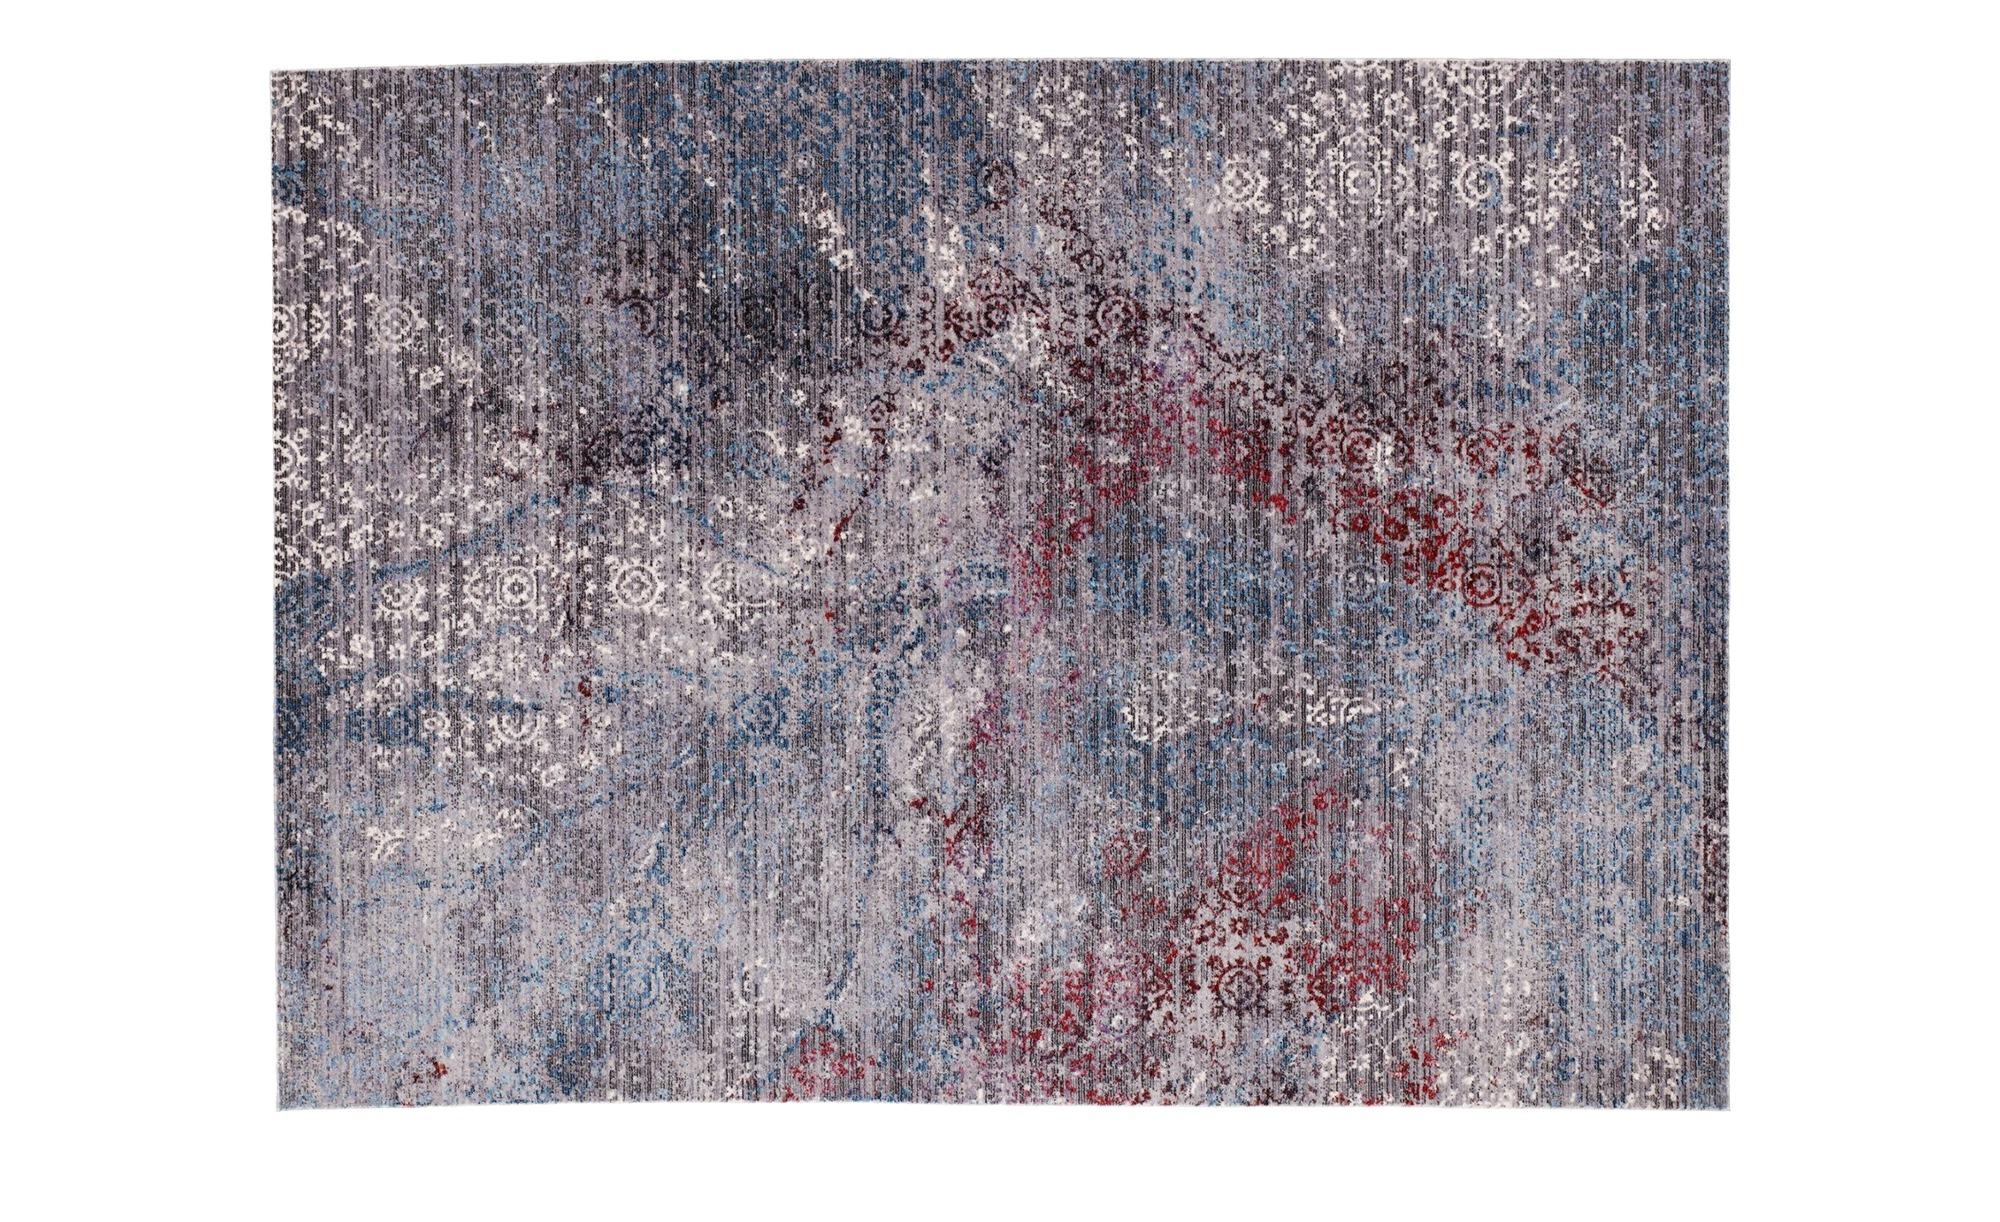 Kurzflorteppich  Leja ¦ grau ¦ 100% Polyester, Synthethische Fasern ¦ Maße (cm): B: 90 Teppiche > Wohnteppiche > Orientteppiche - Höffner